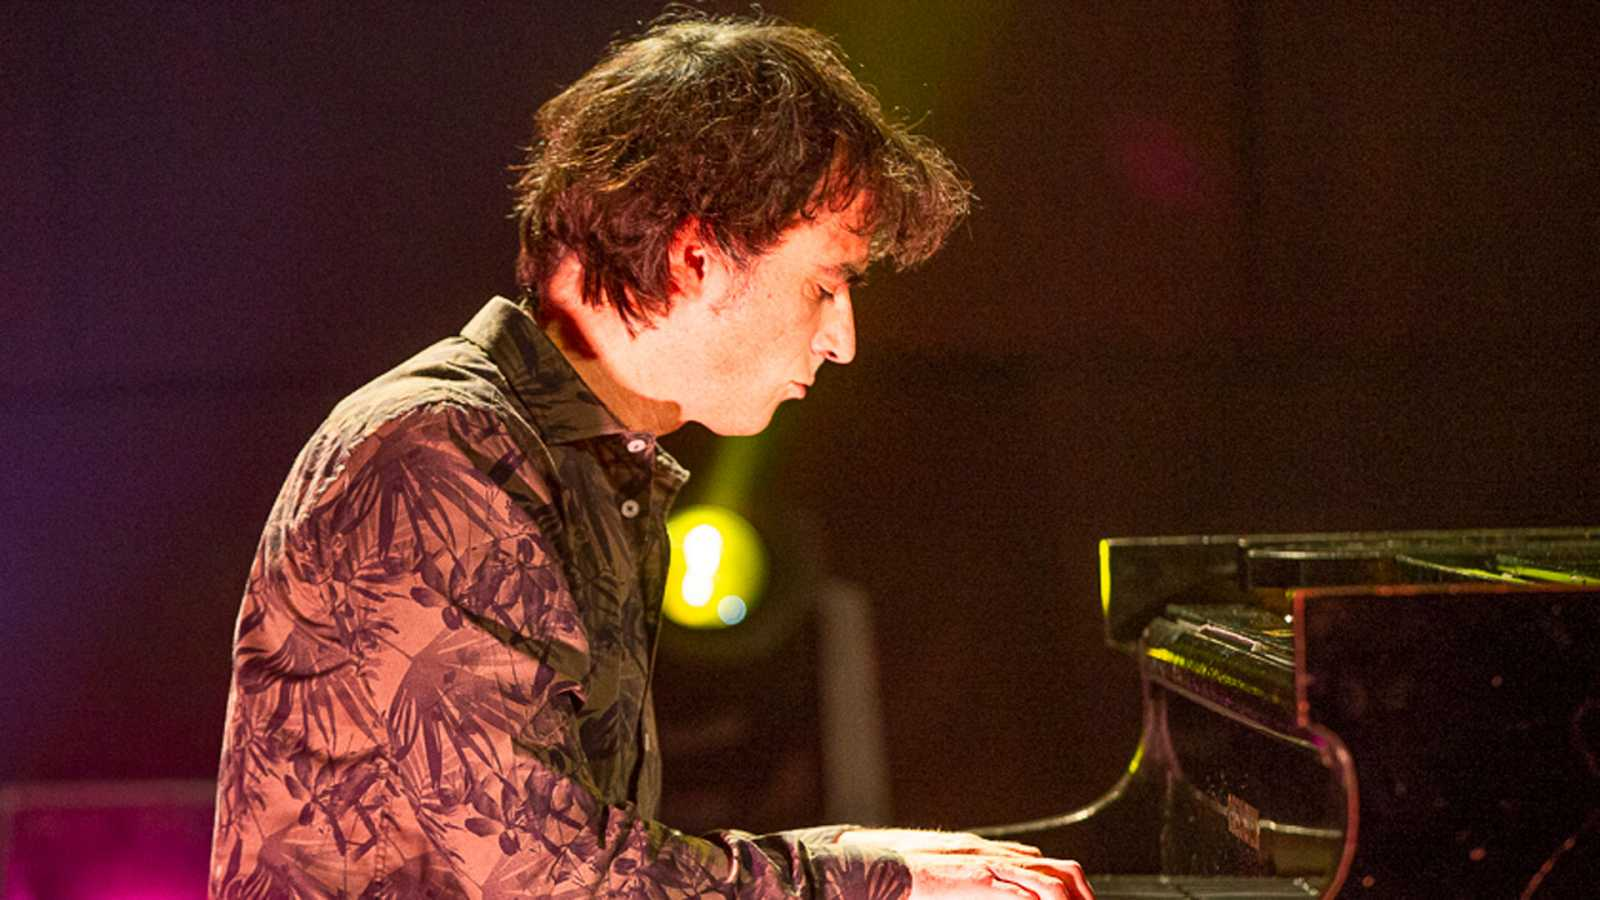 Los conciertos de Radio 3 - Mikel Azpiroz - 23/02/21 - escuchar ahora